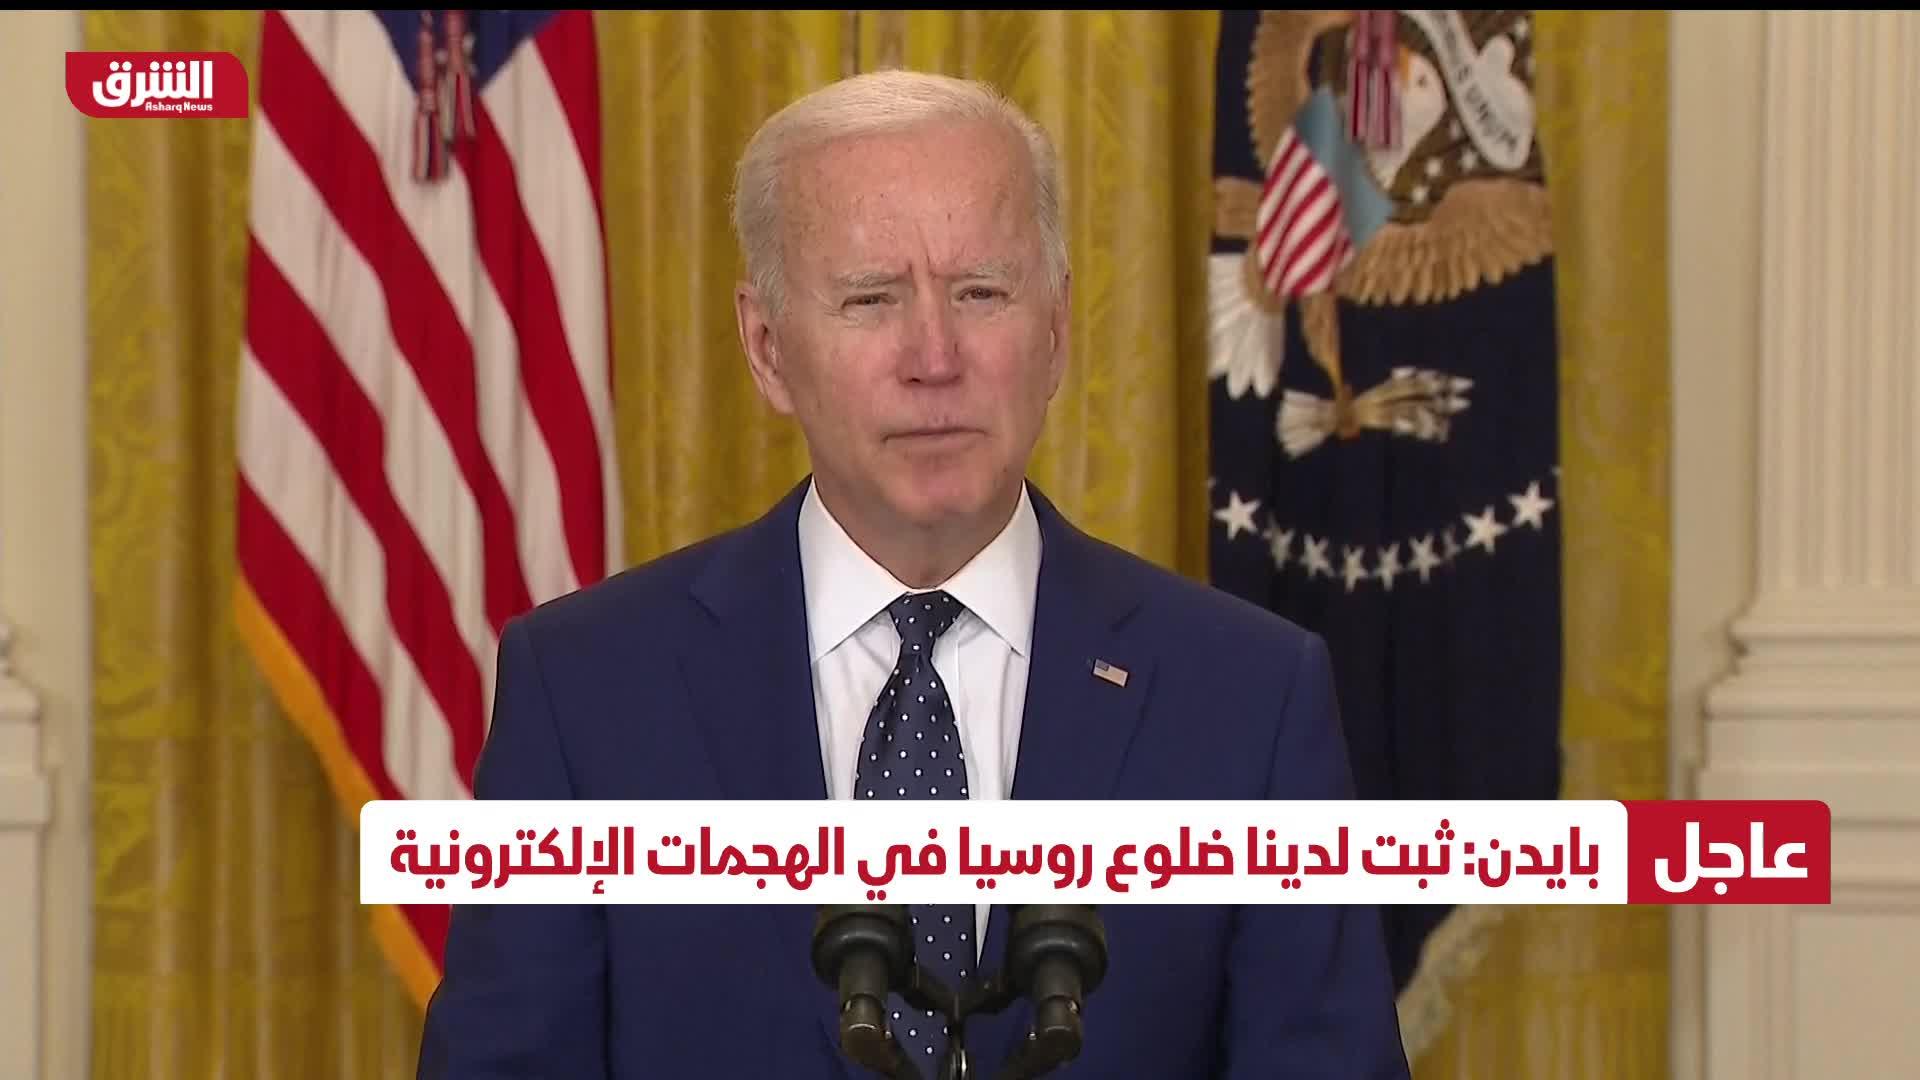 كلمة للرئيس الأميركي جو بايدن بشأن العقوبات على روسيا